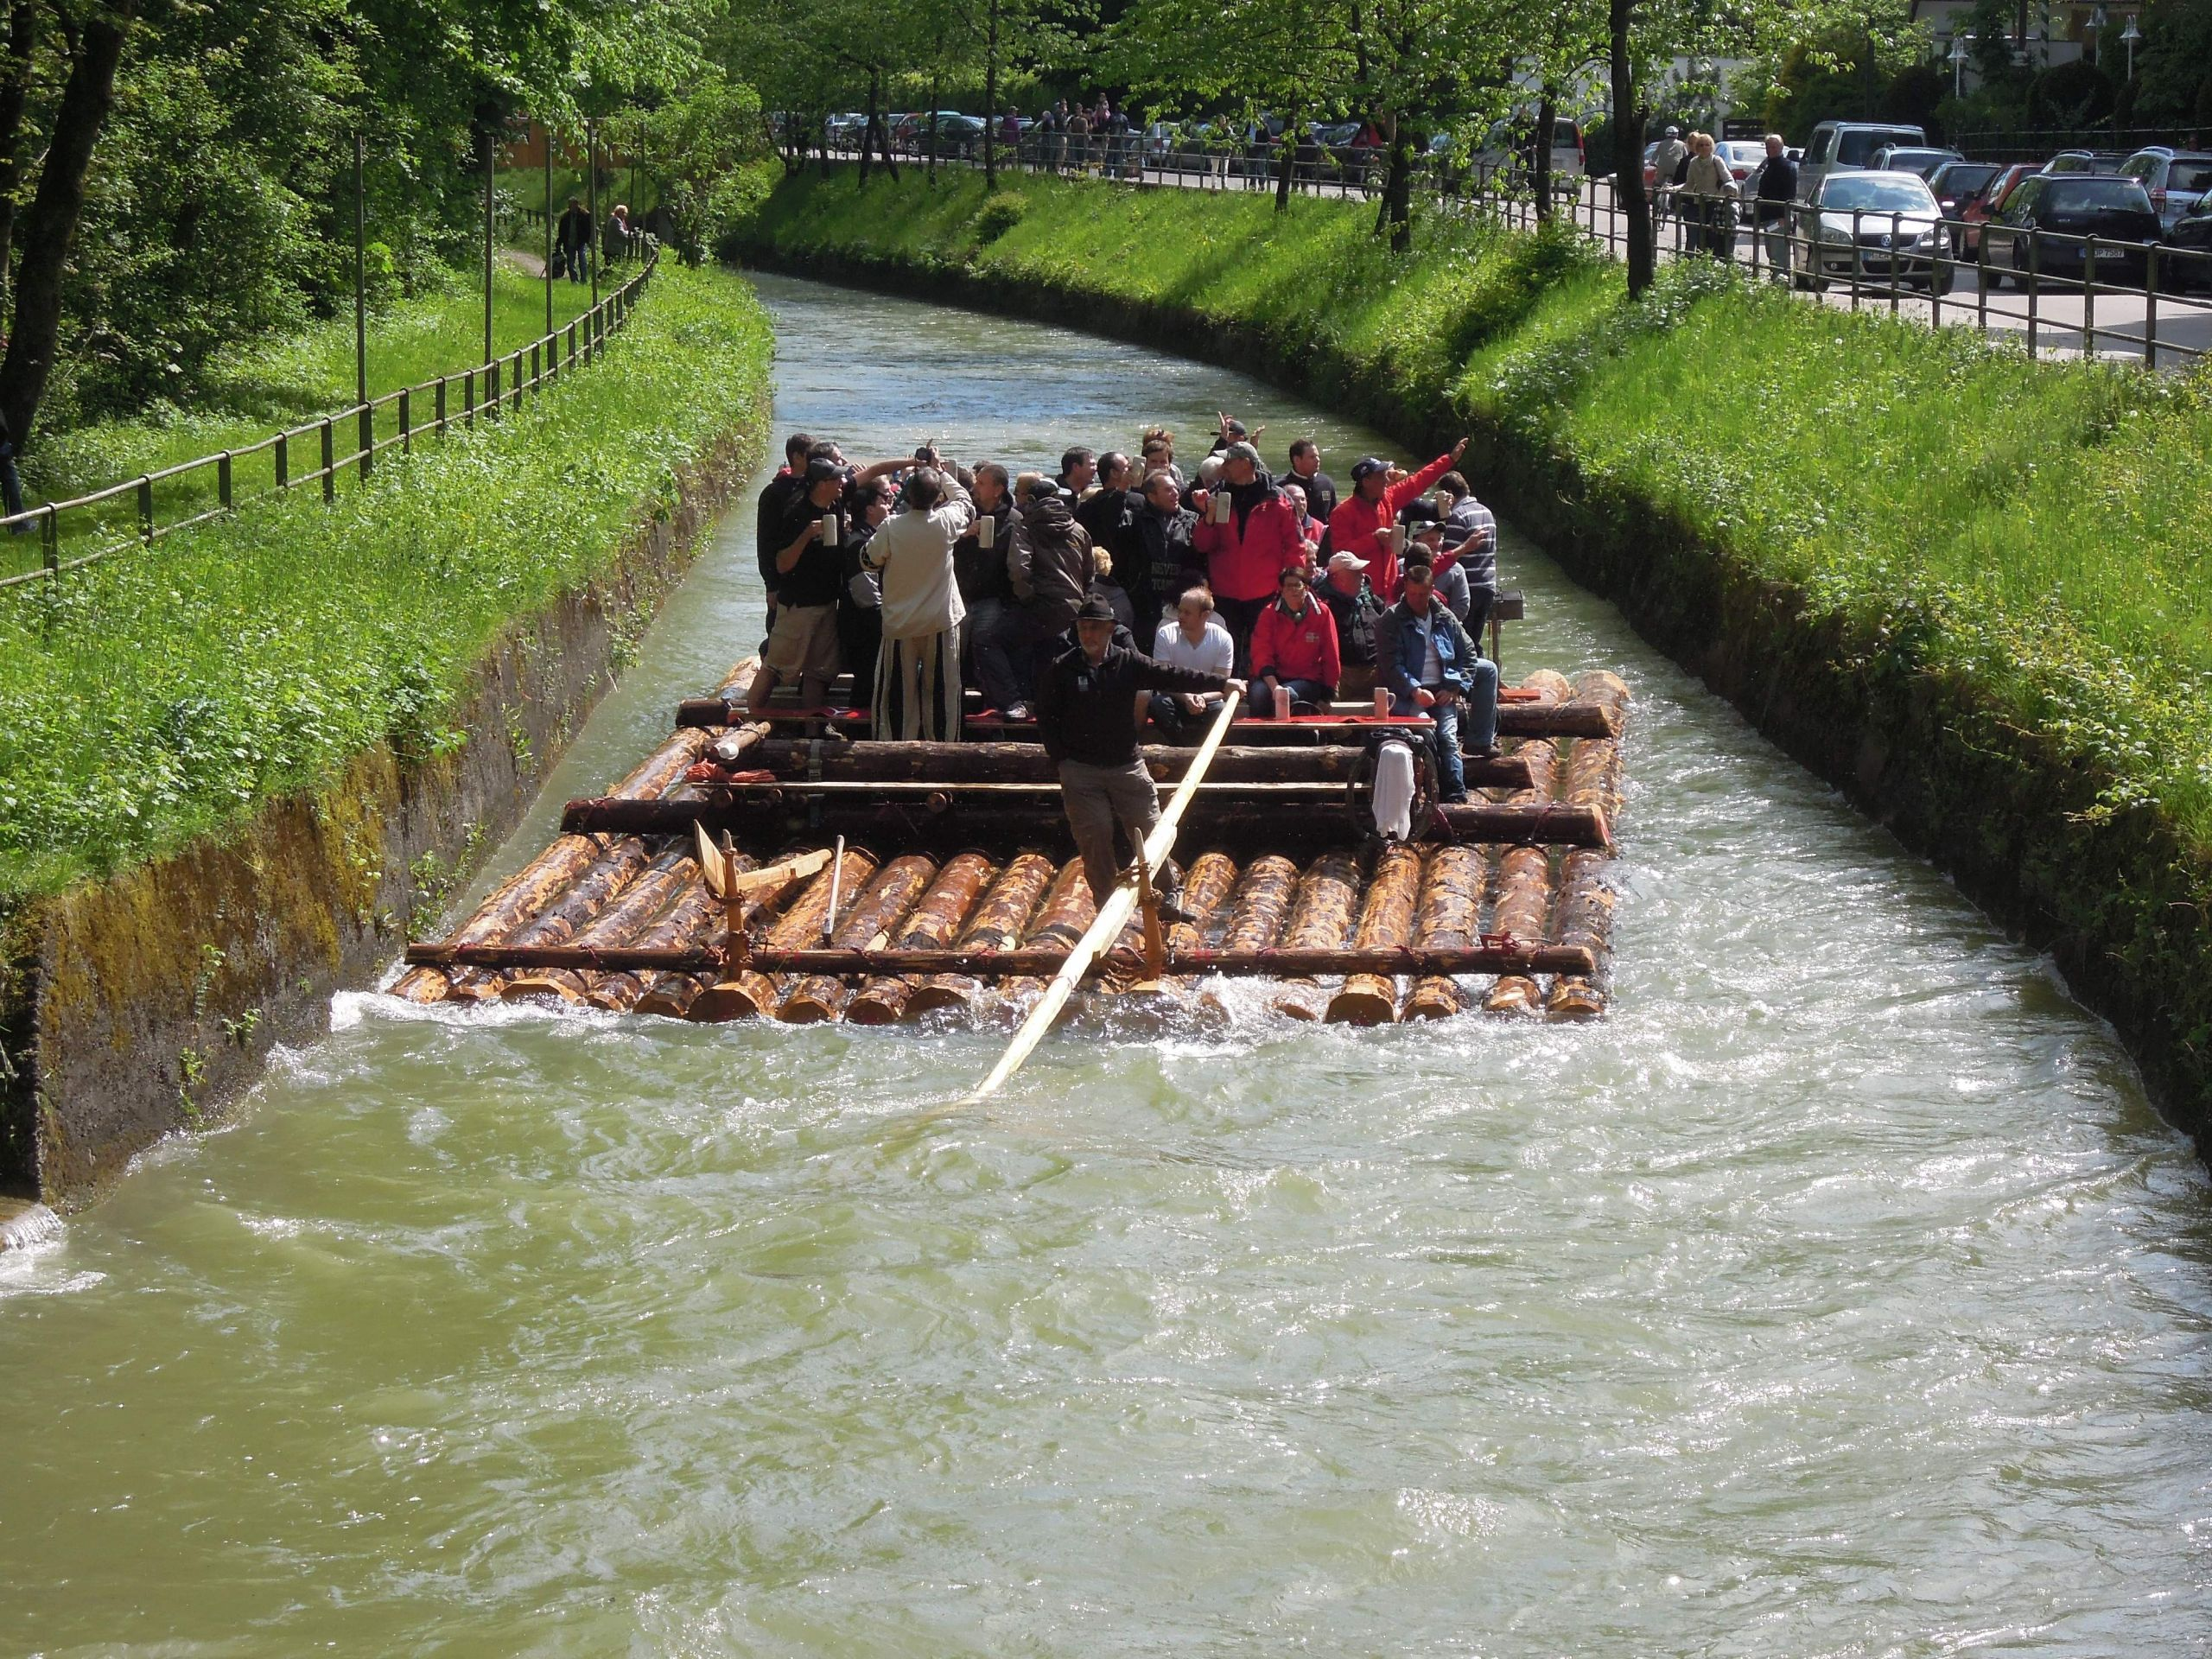 München Flaucher Floß auf dem Ländkanal 03